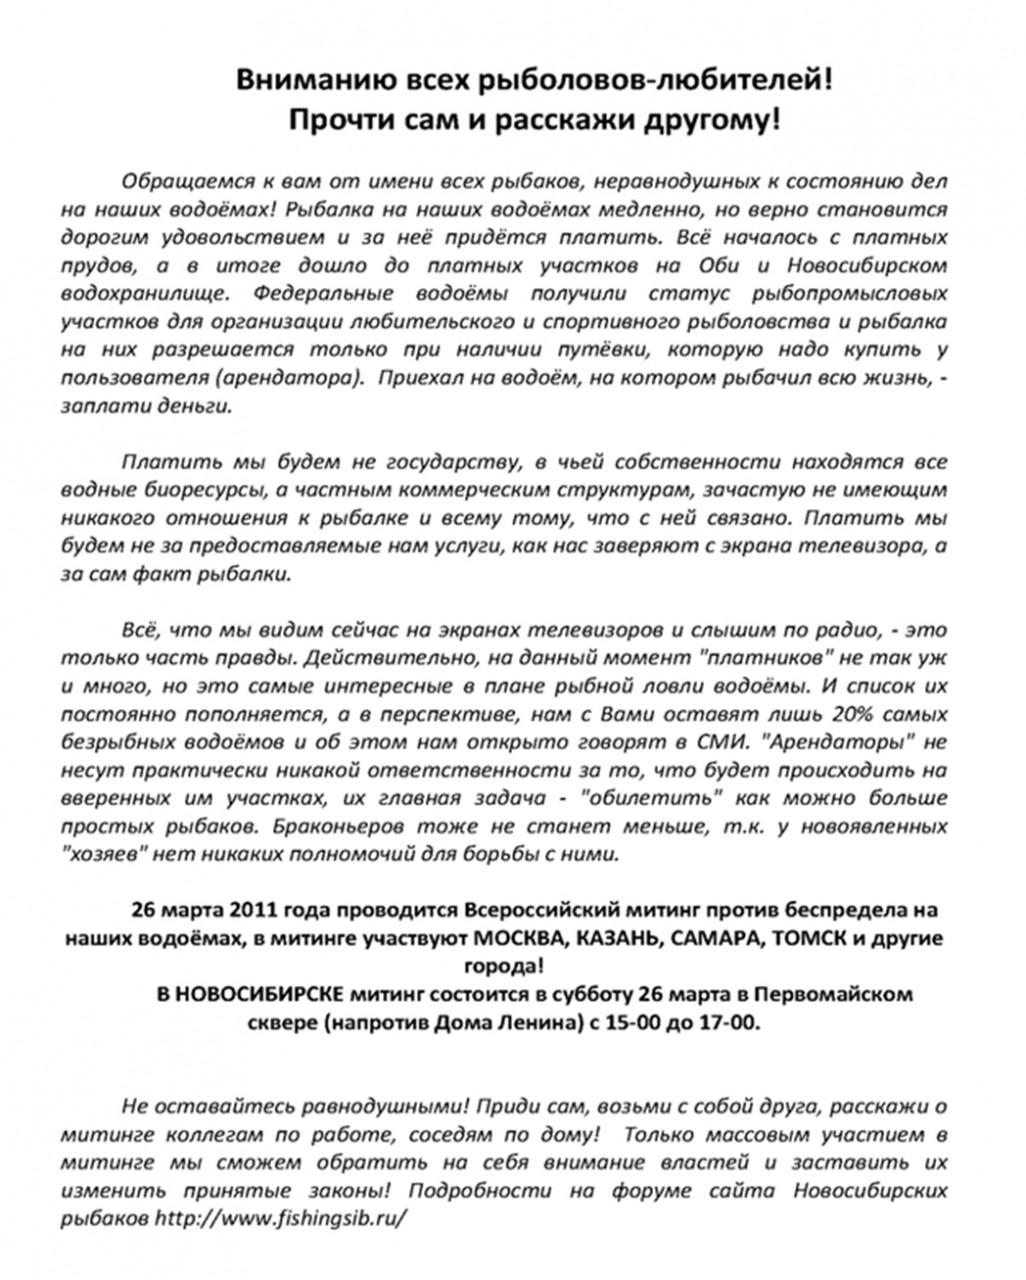 Обращение новосибирских рыболовов по поводу платной рыбалки